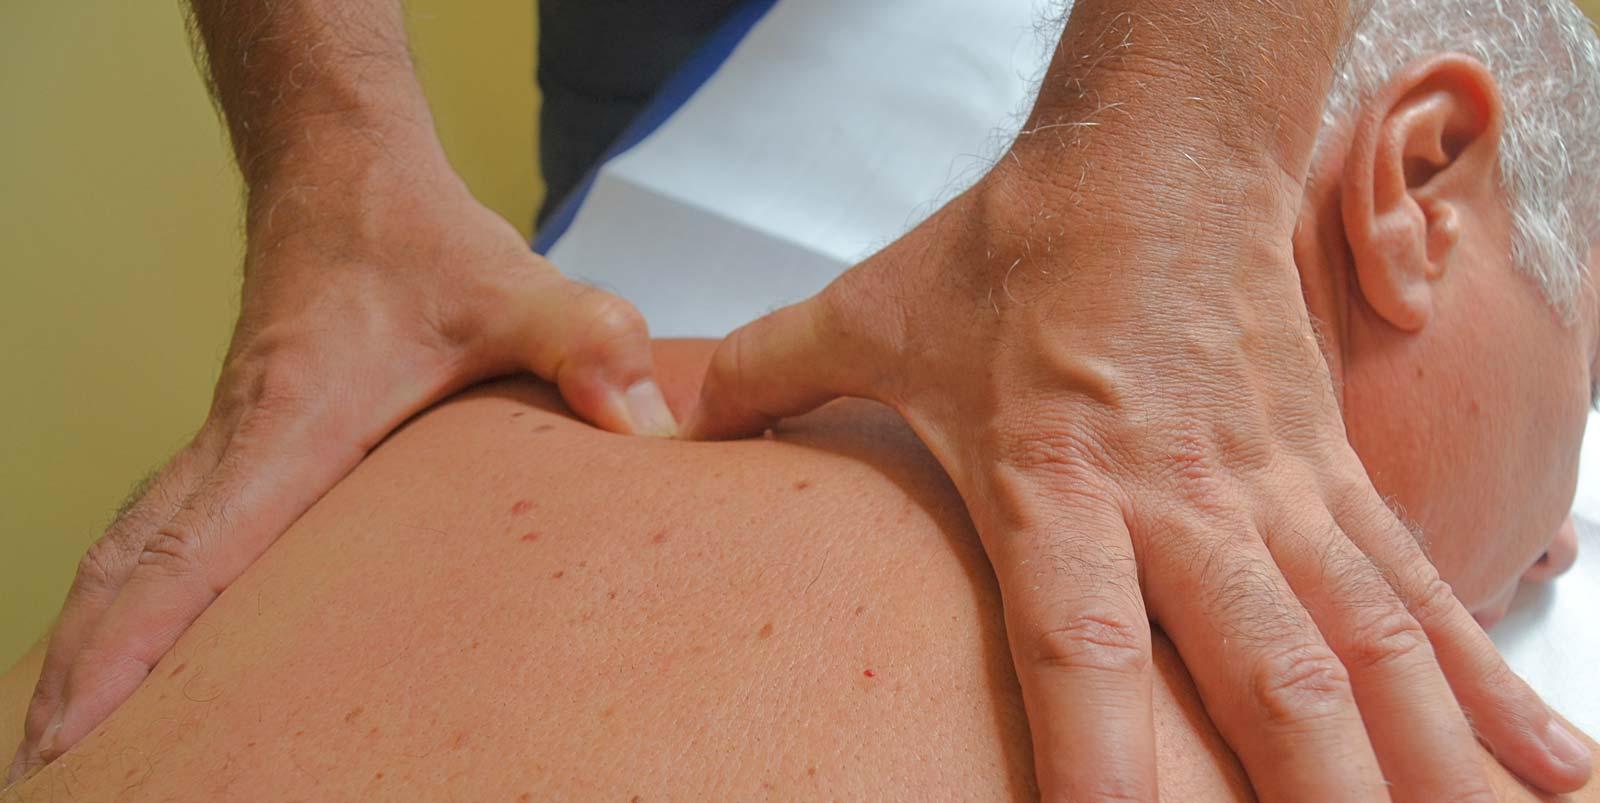 Un trattamento per dire addio al peso su spalle e collo, con utilizzo del Metodo Grinberg - Andrea Gandini Operatore specializzato a Torino